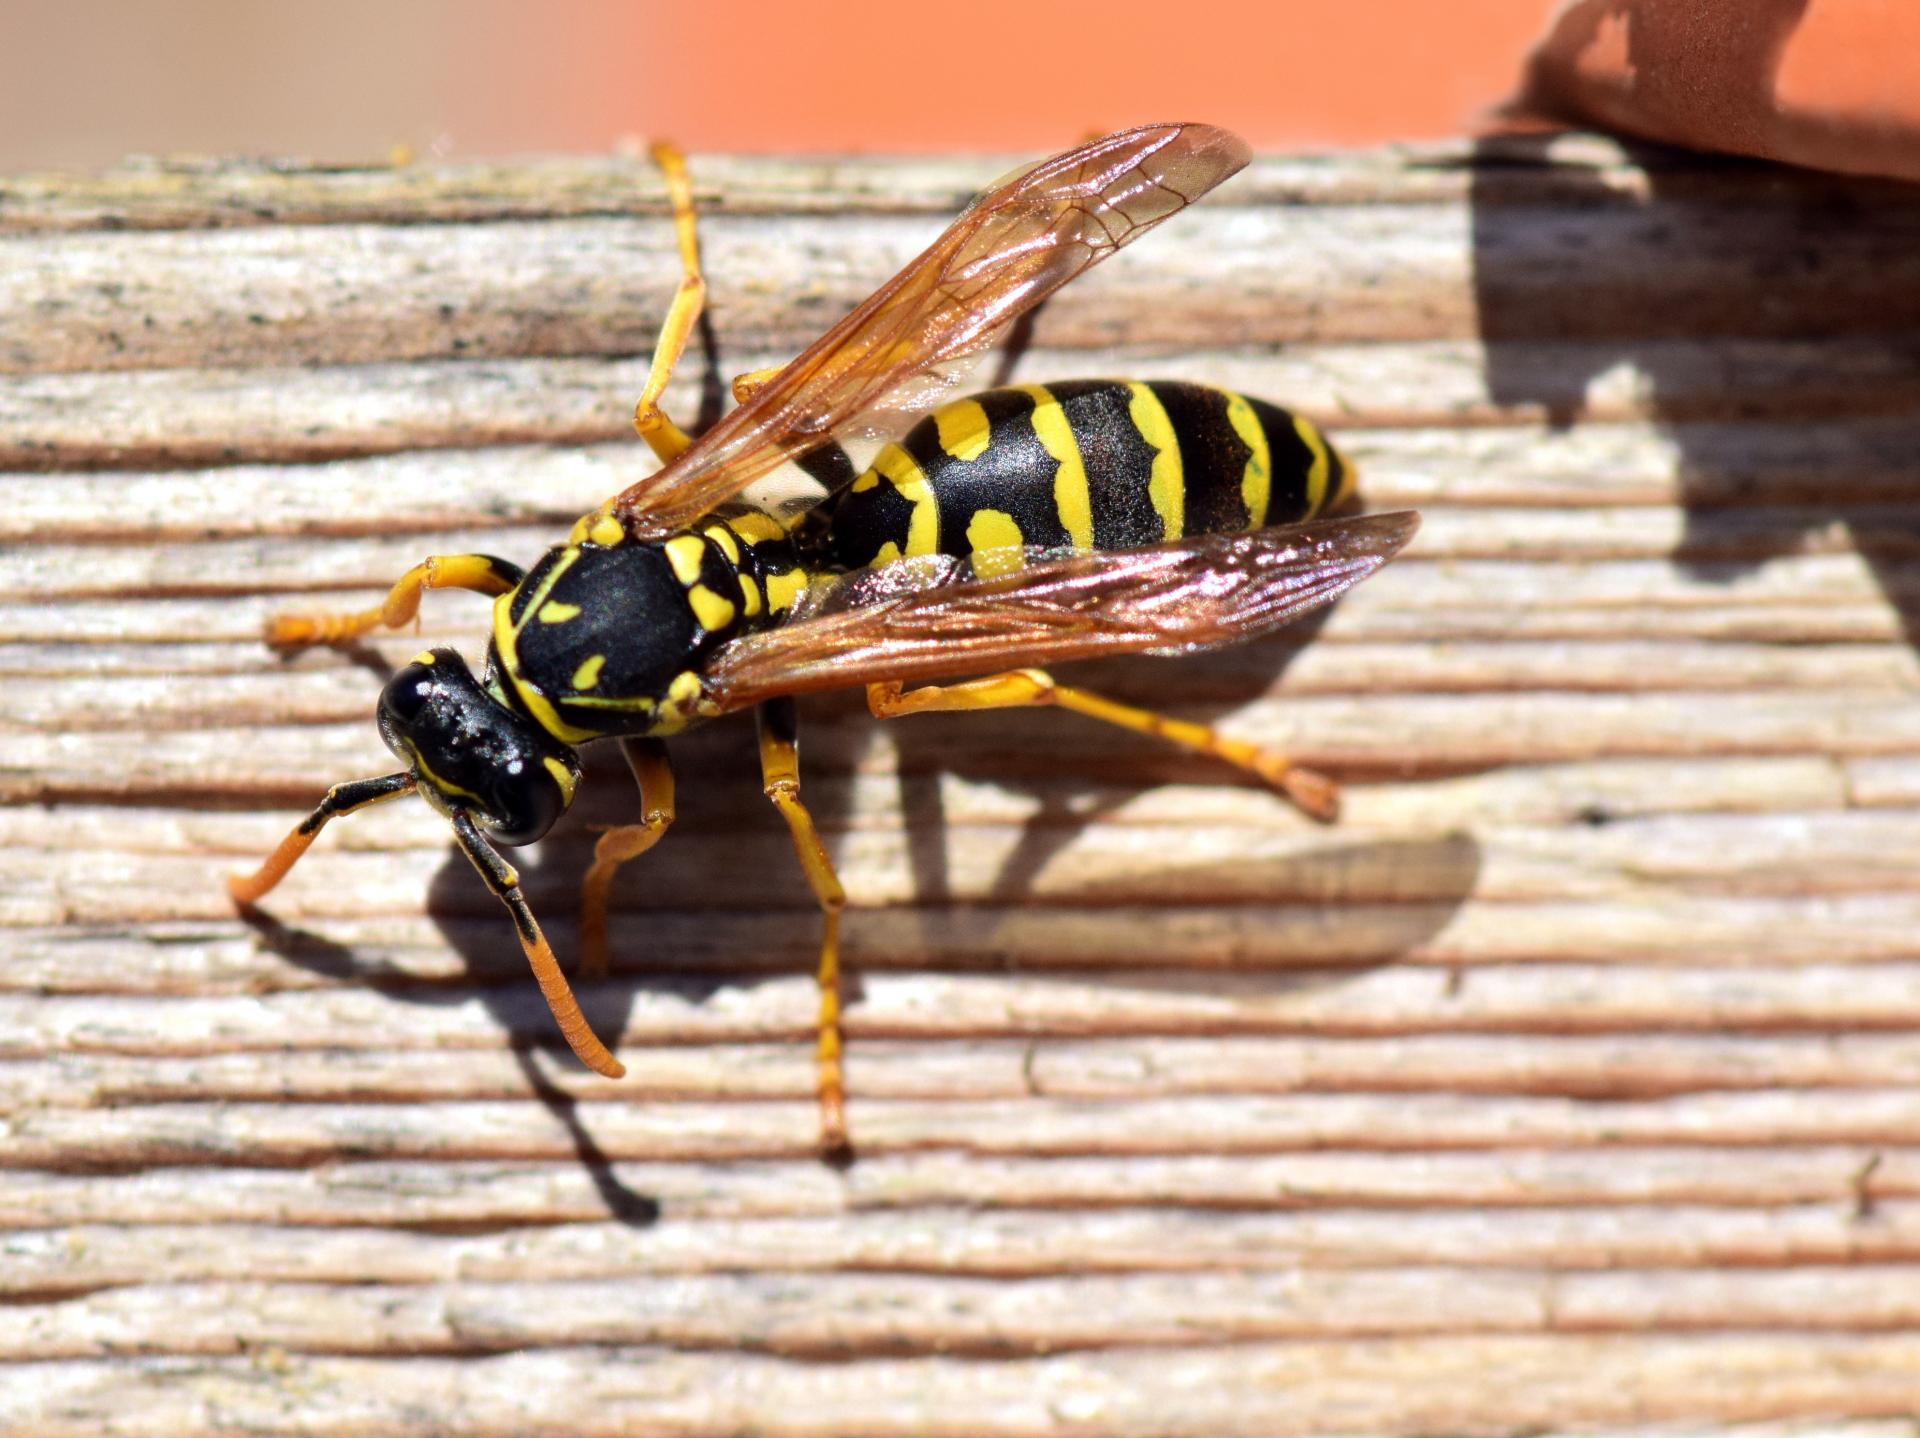 Wespen koennen Laestlinge sein